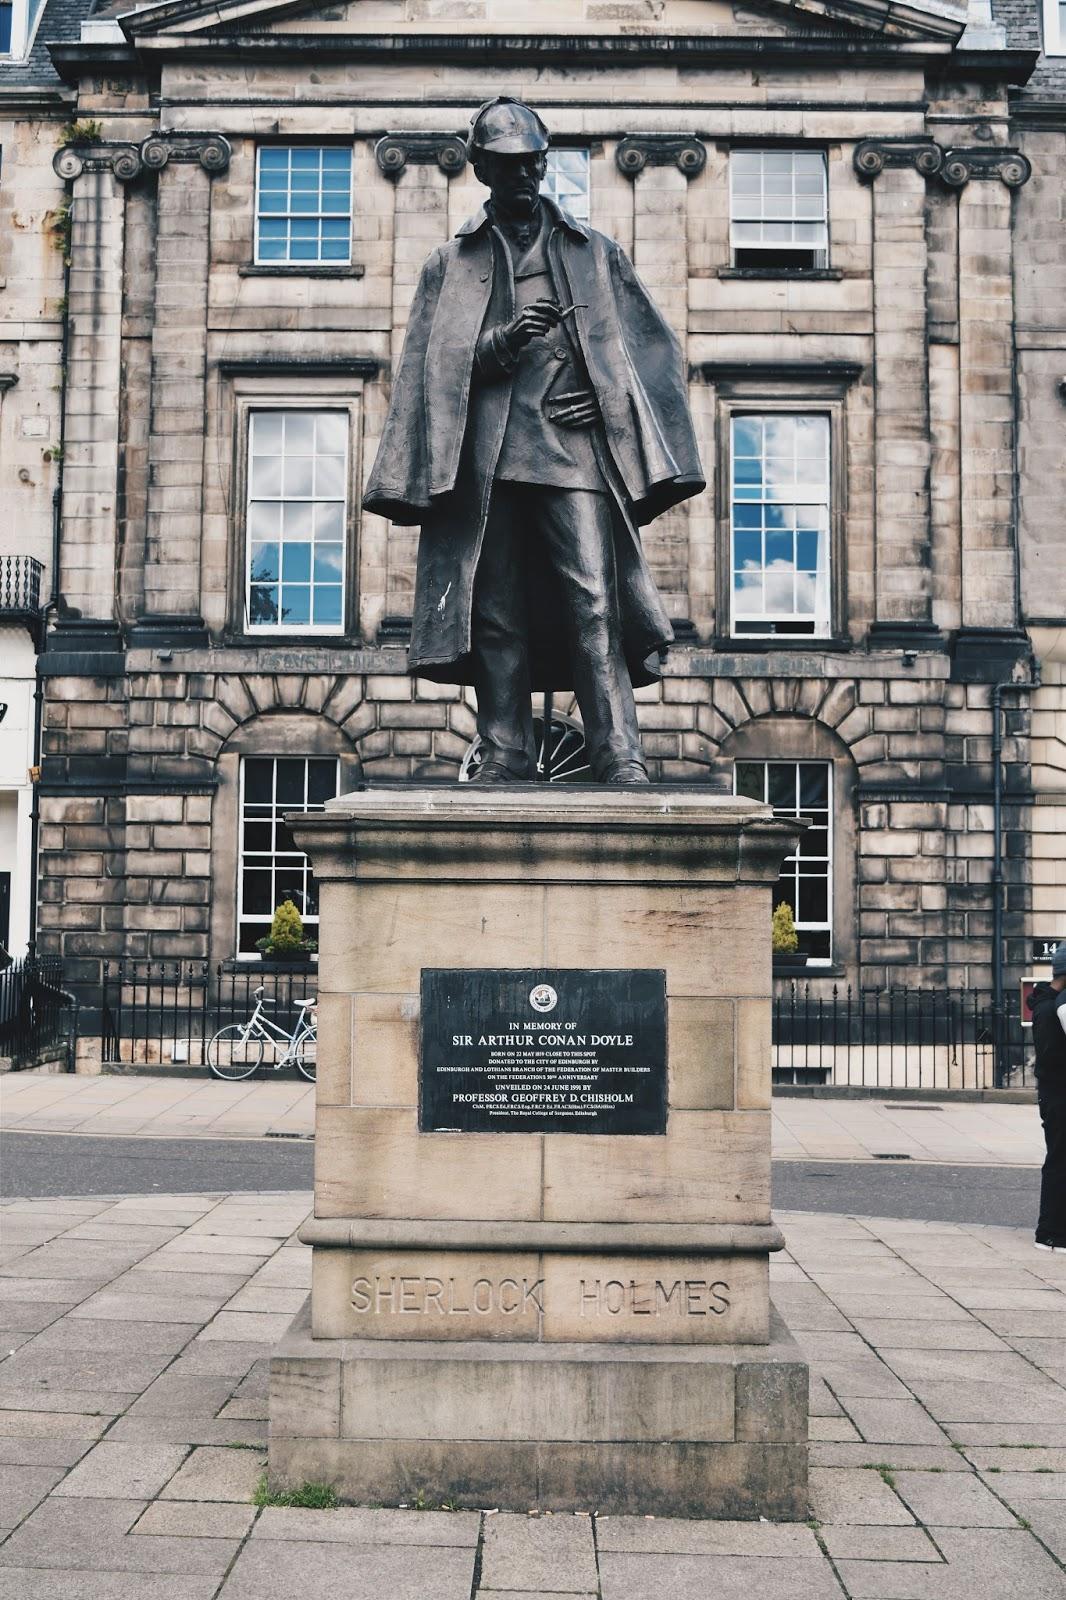 Sherlock Holmes, Arthur Conan Doyle, Scotland, Edinburgh, Szkocja, Edynburg, wycieczka, pomnik Sherlocka